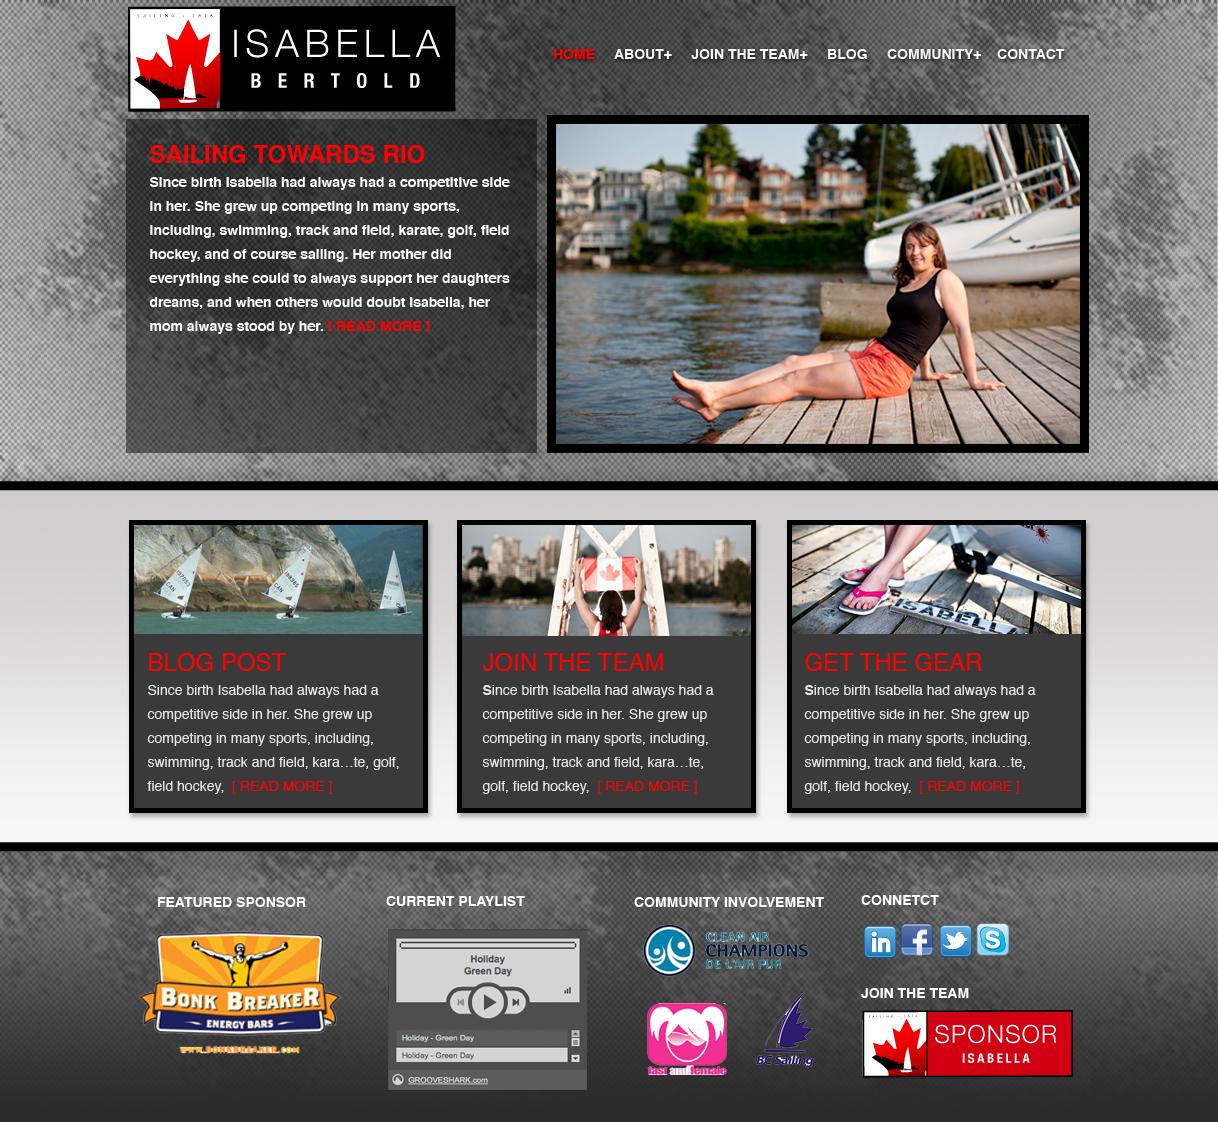 Isabella-webdesign-v1